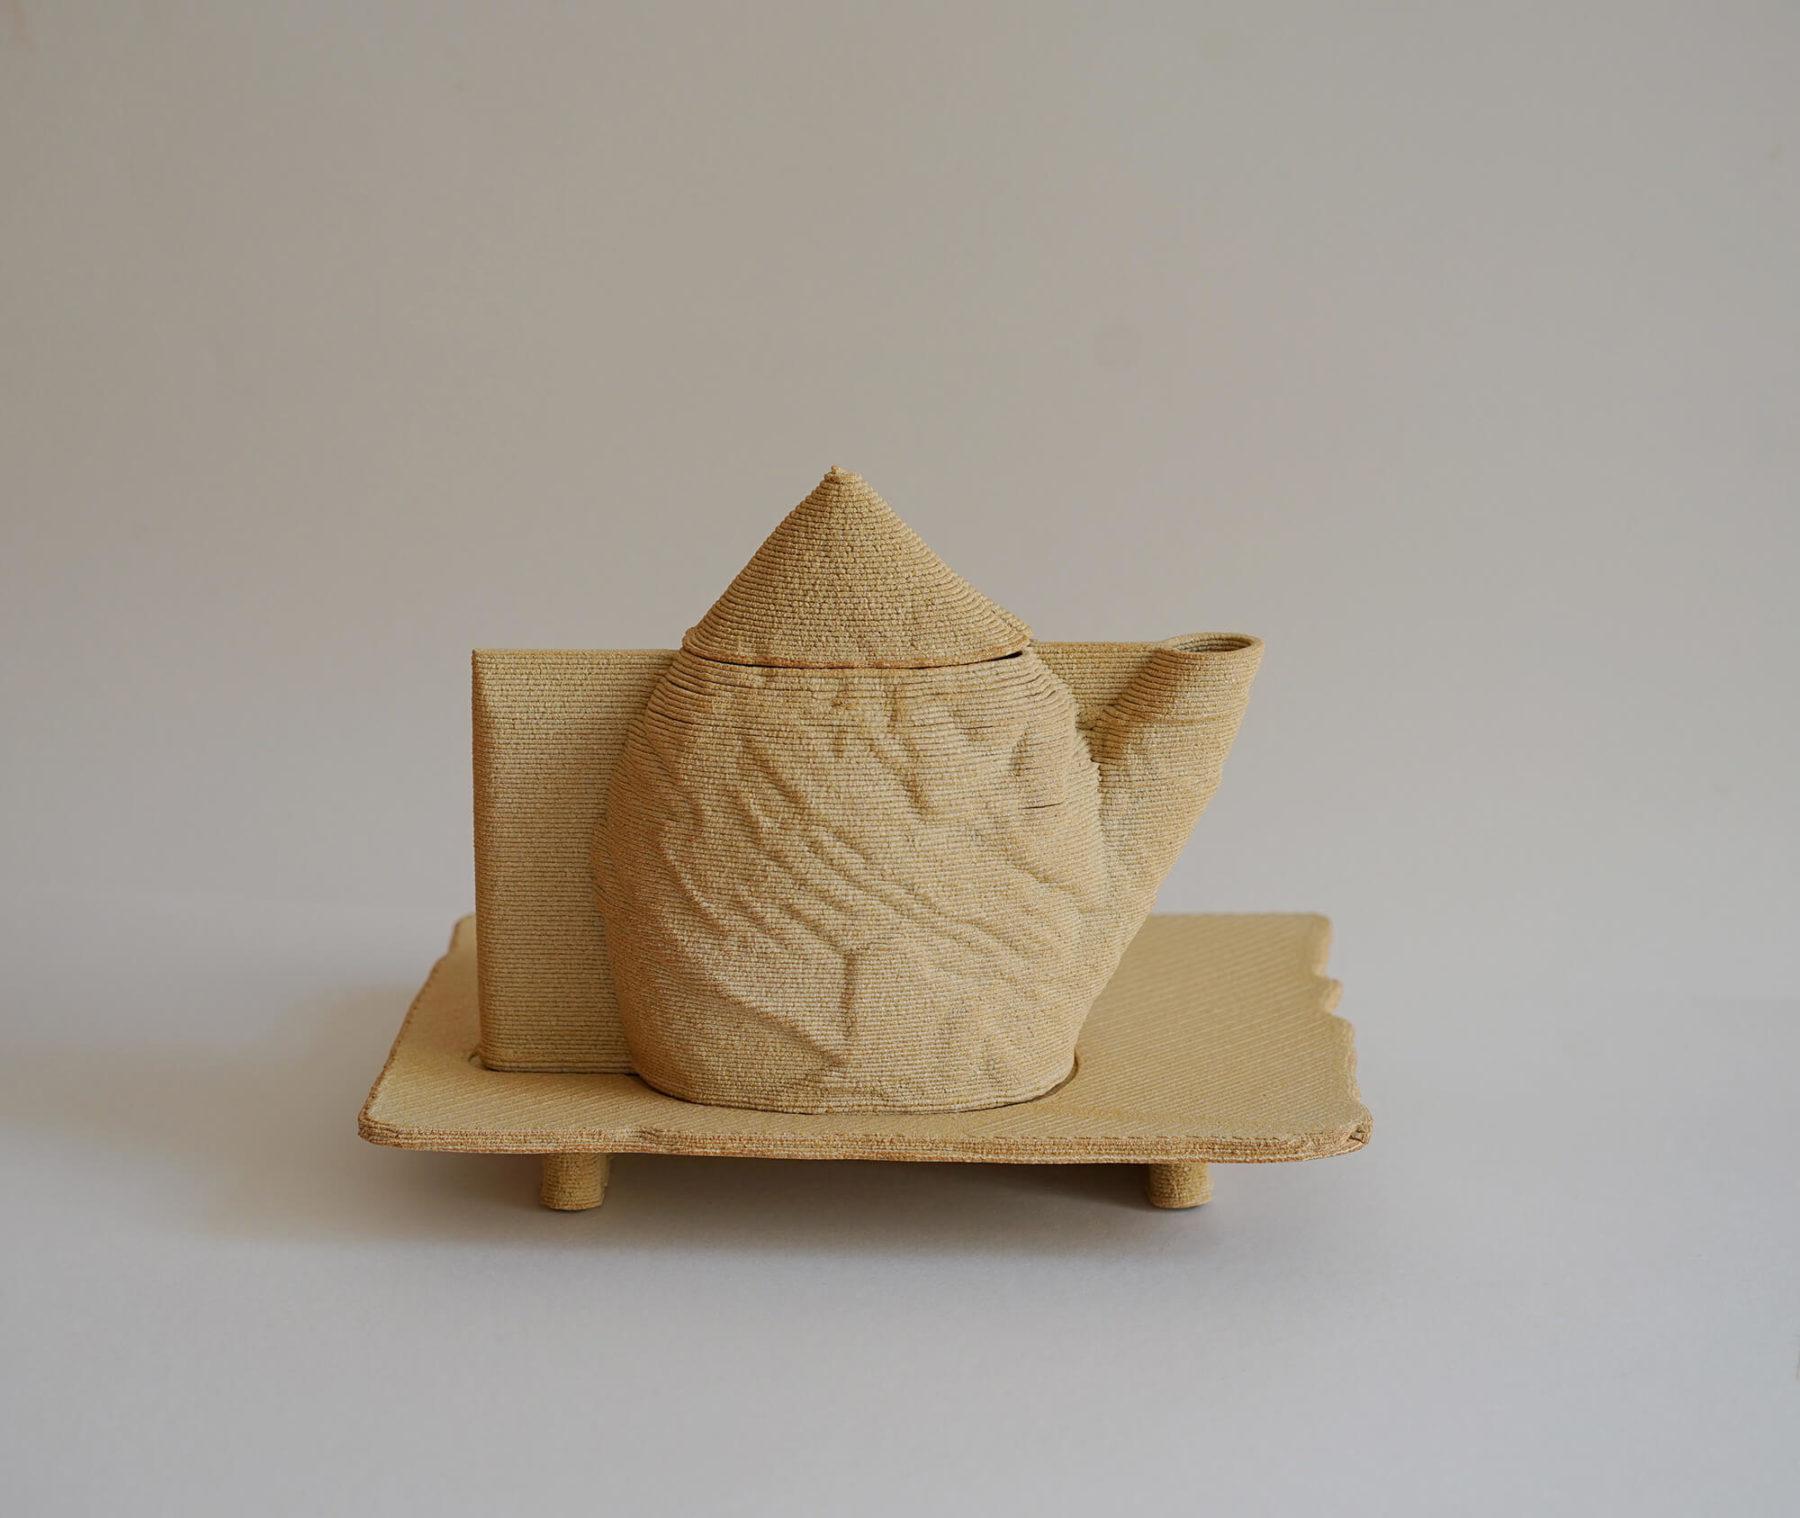 UKU collection _ Impression 3D céramique _ bold X Emmanuelle Roule X 8 Fablab